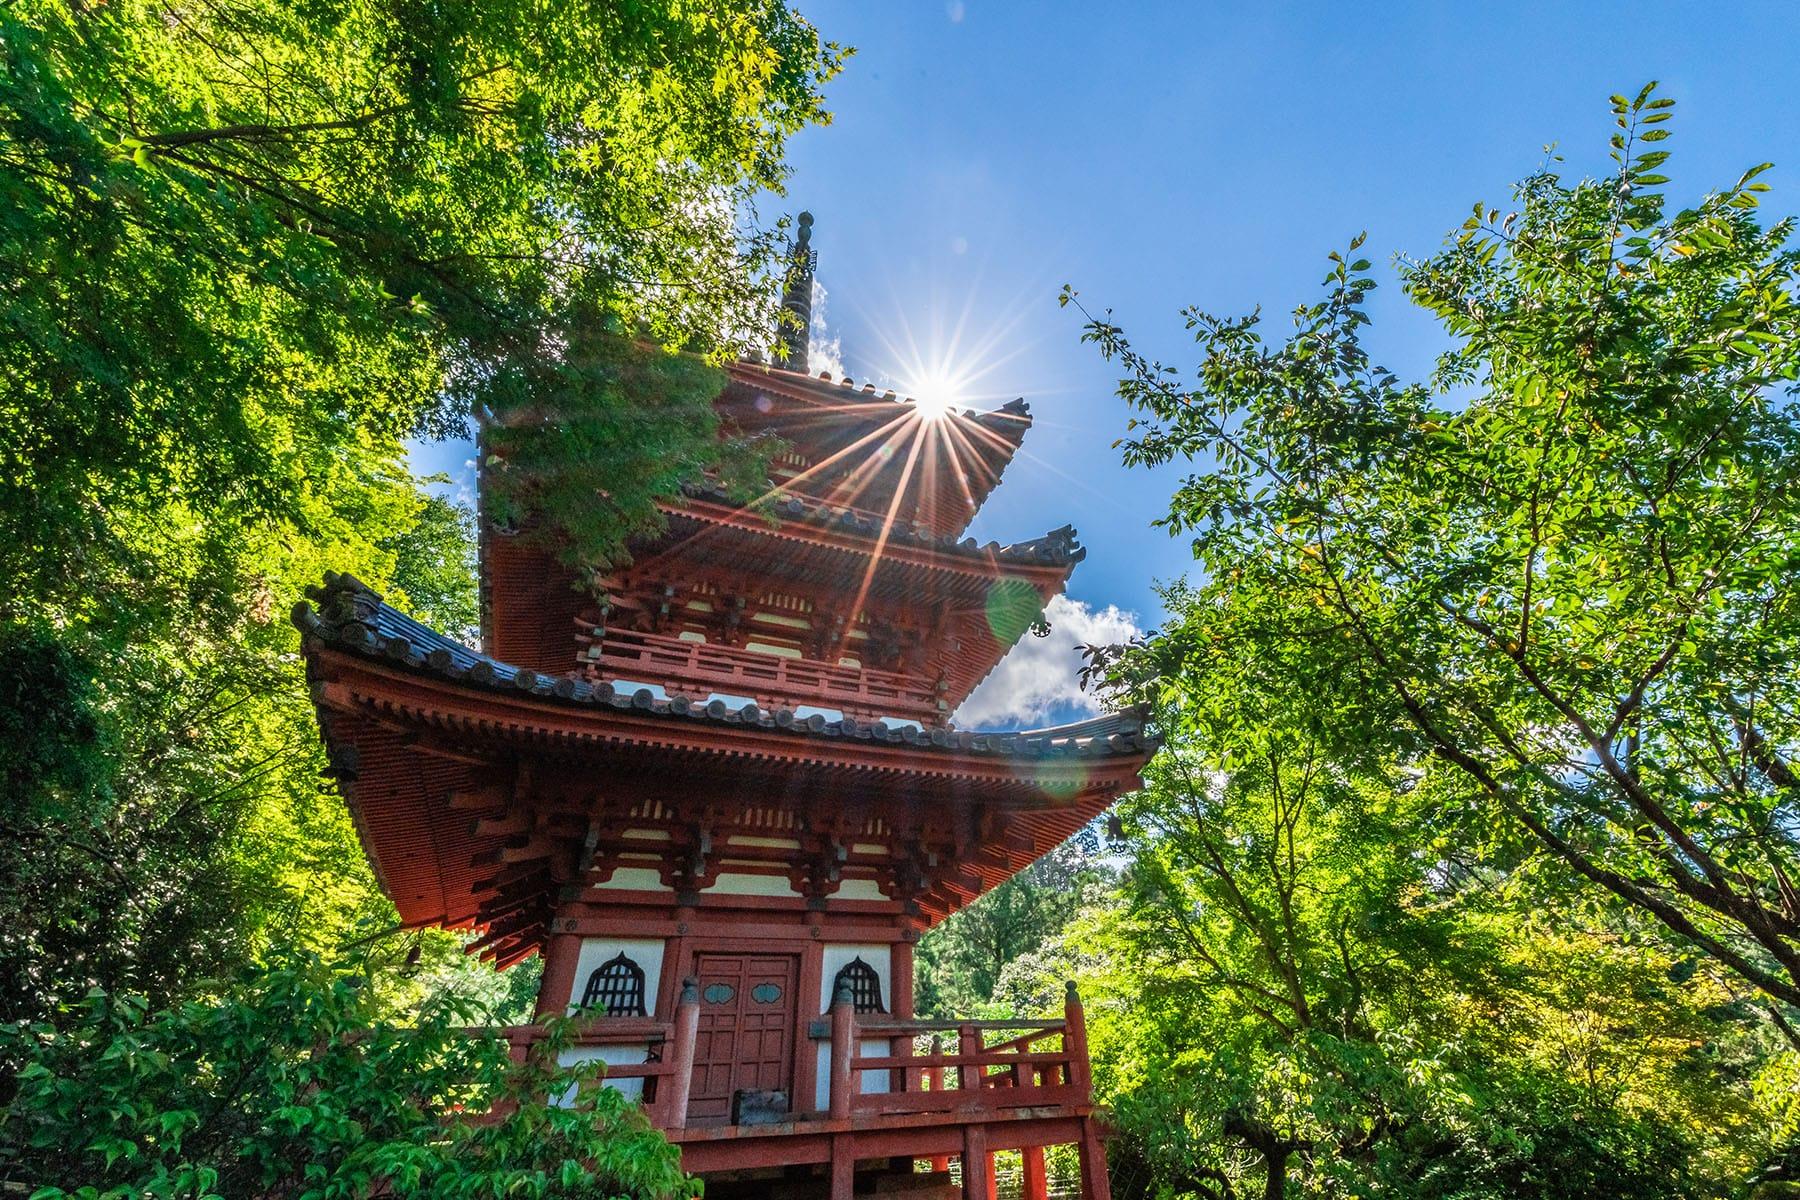 西国札所 第10番【明星山・三室戸寺】 | フォトさいたま